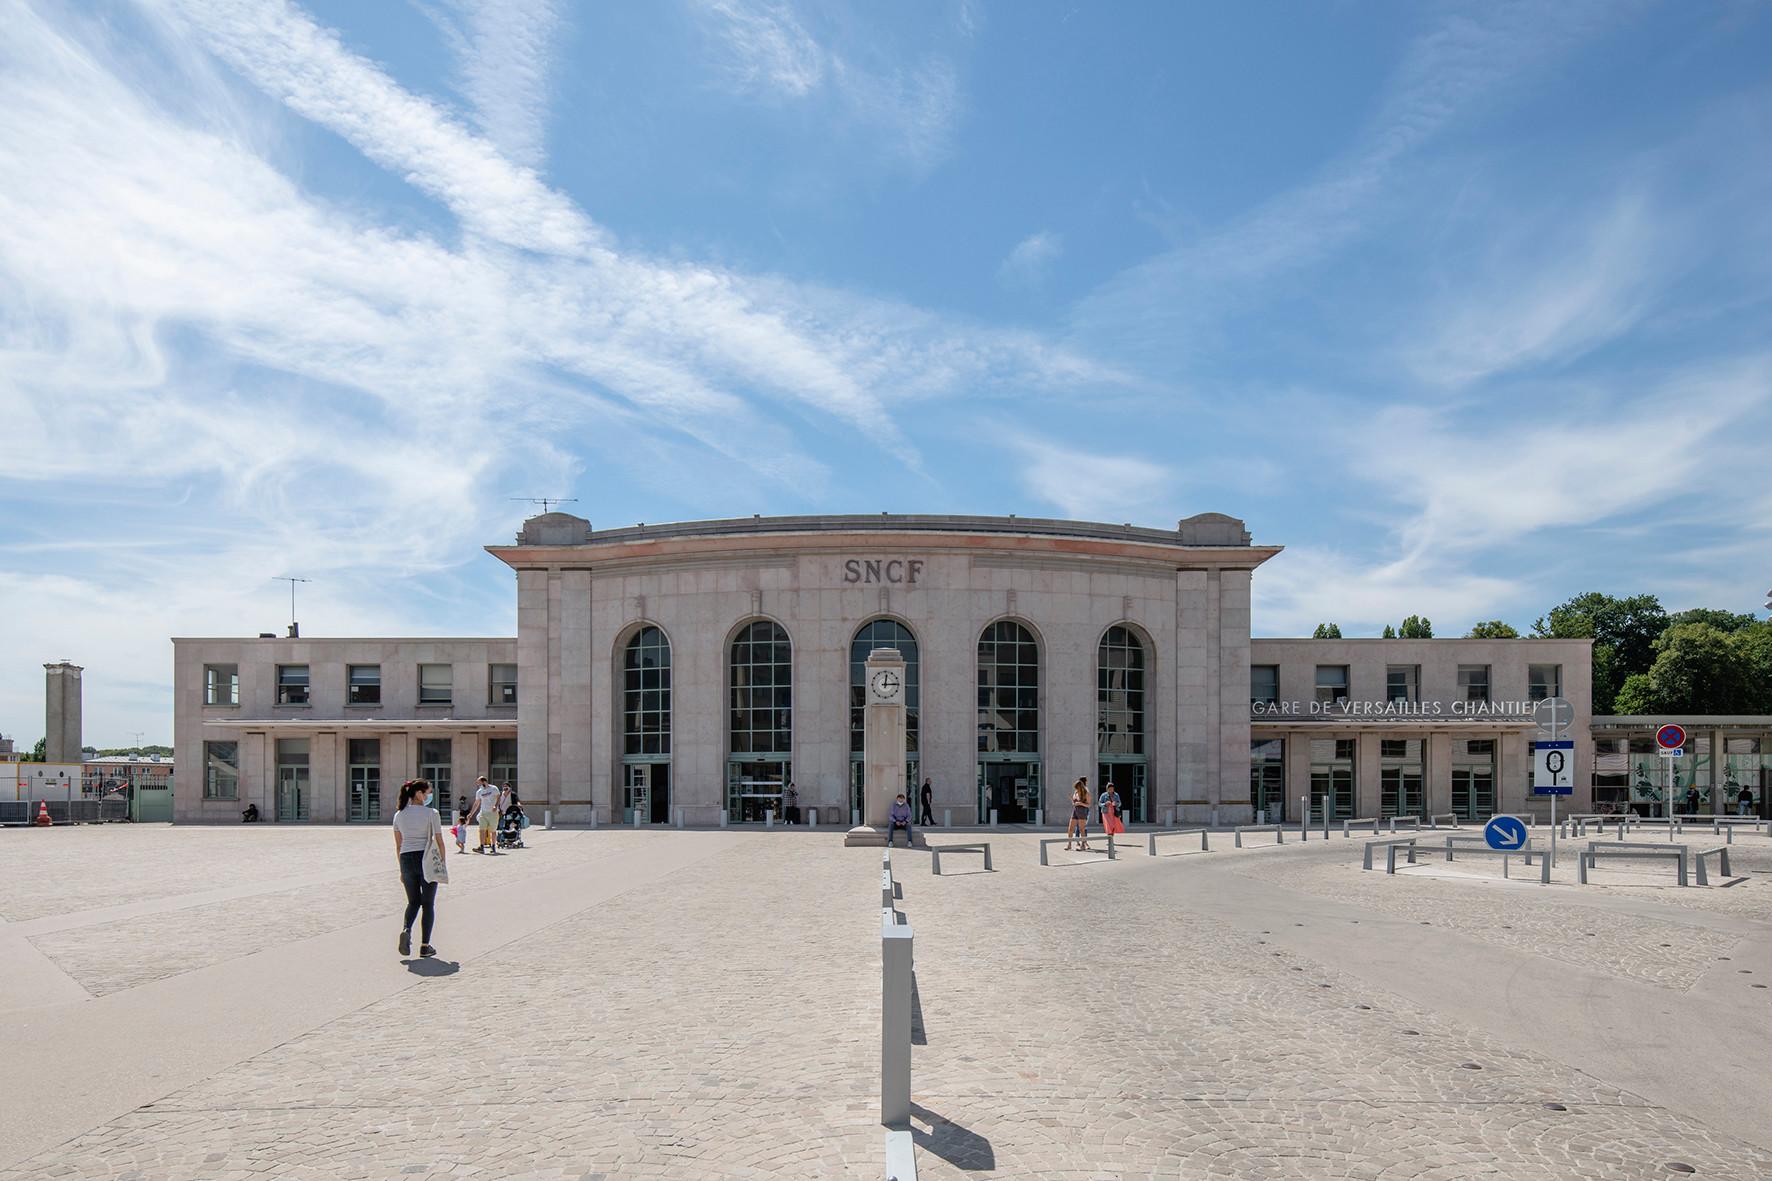 La Gare des Chantiers